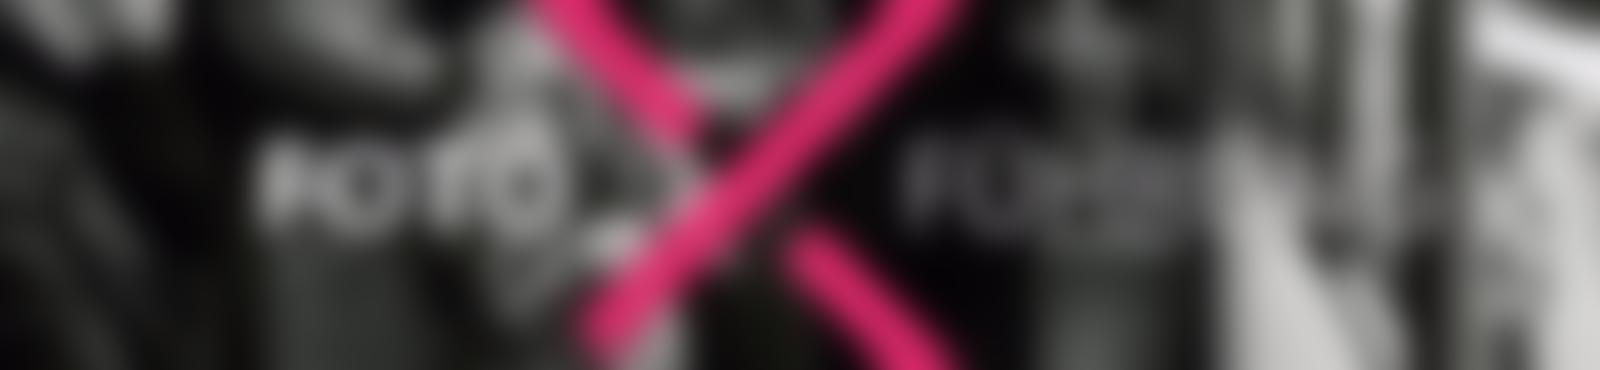 Blurred 86b86028 e646 4000 a885 c638ebaa10b7